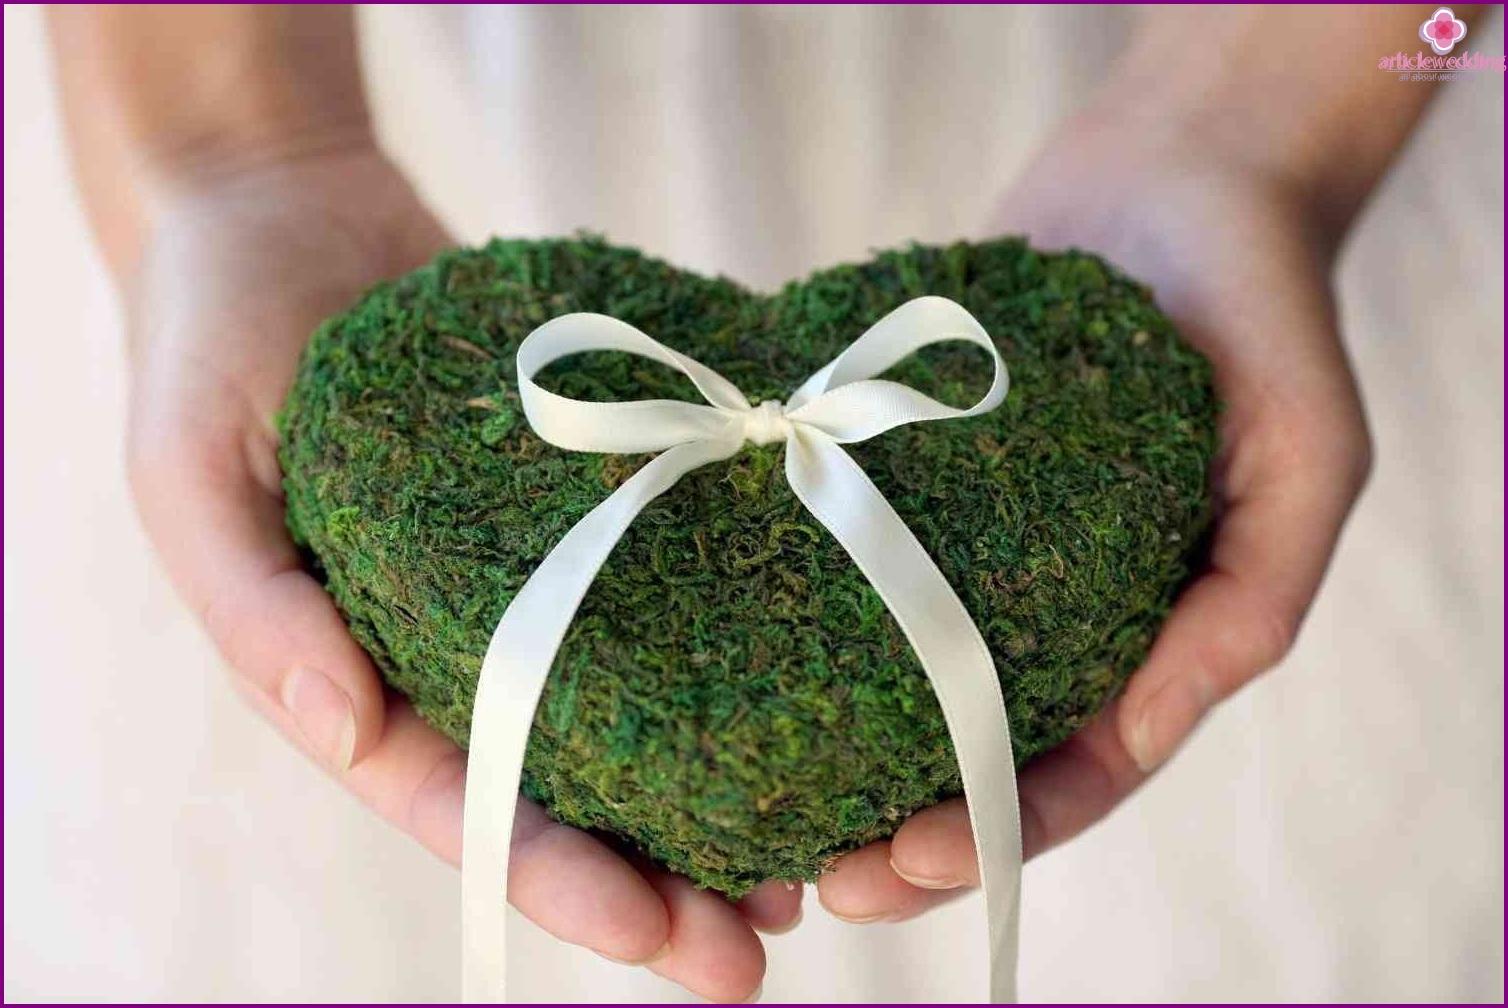 Newlyweds on the eco-wedding